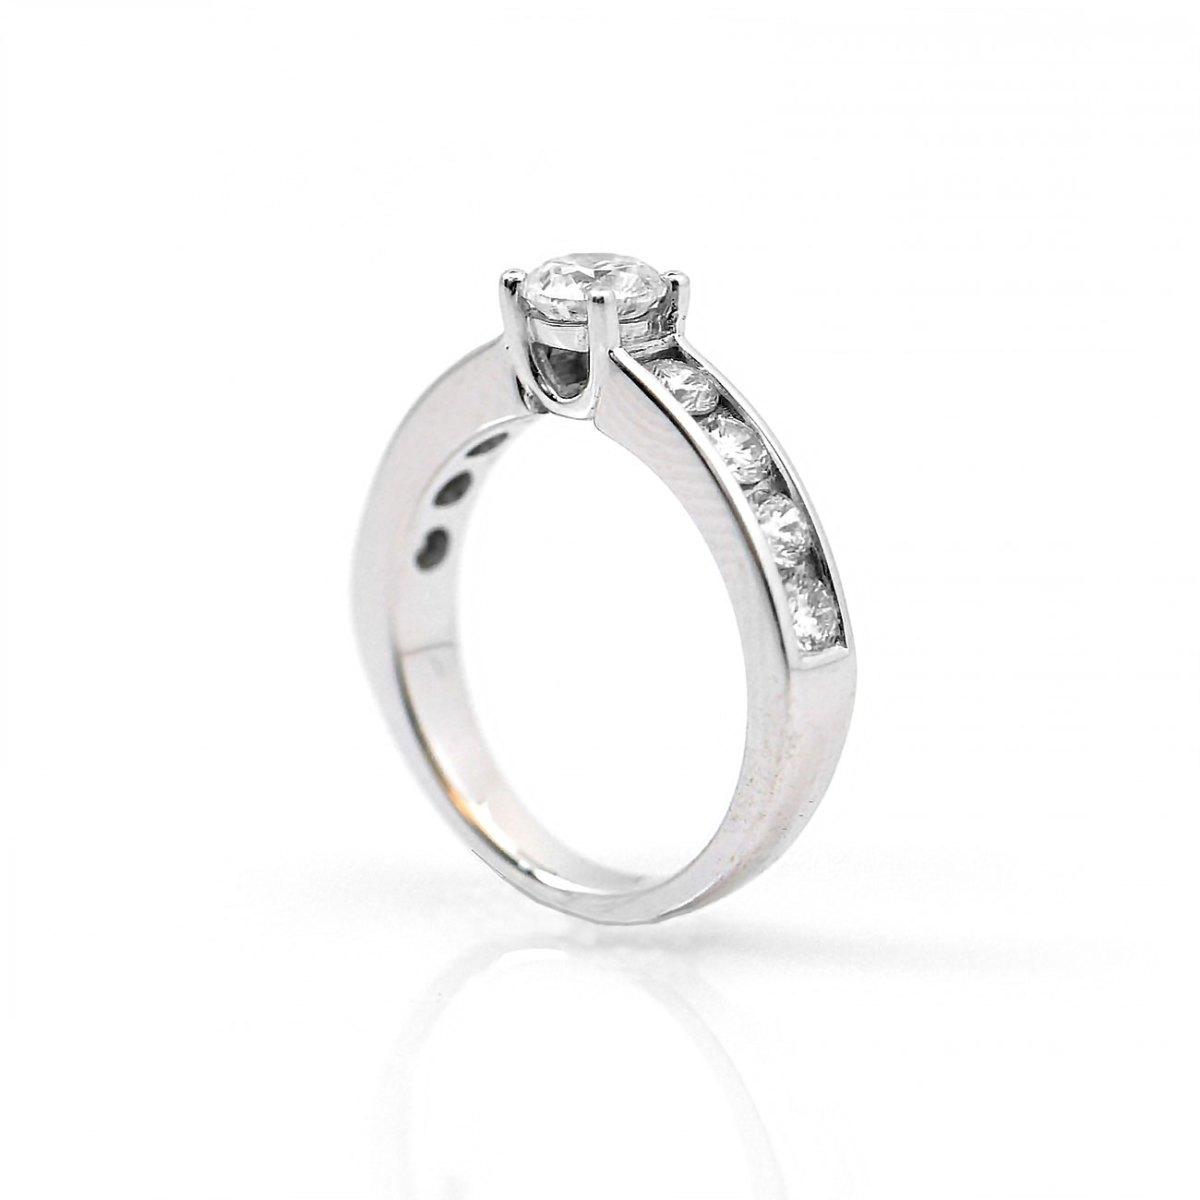 Bague diamants, brillant central 0,40 ct, 8 diamants 0,56 ct, or blanc, taille 46 | Réf. BA-B15557 | EVENOR Joaillerie • Bijoux neufs - Bijoux Vintage